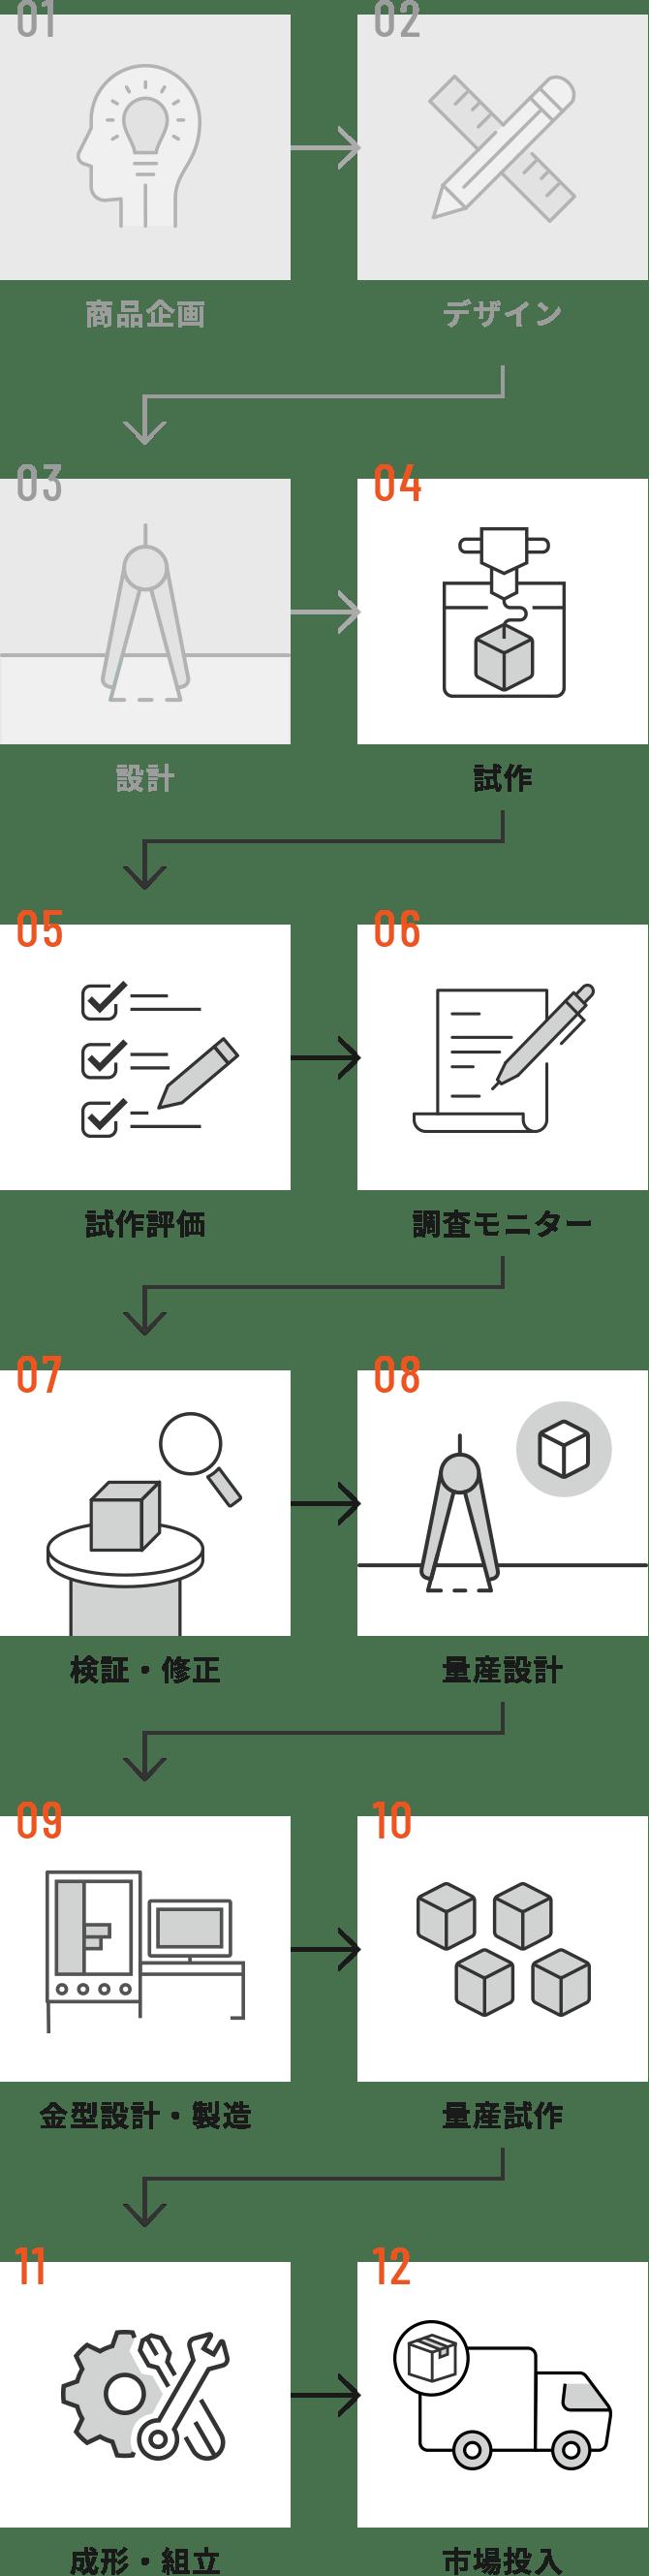 製造に特化したフロー イメージ イメージ